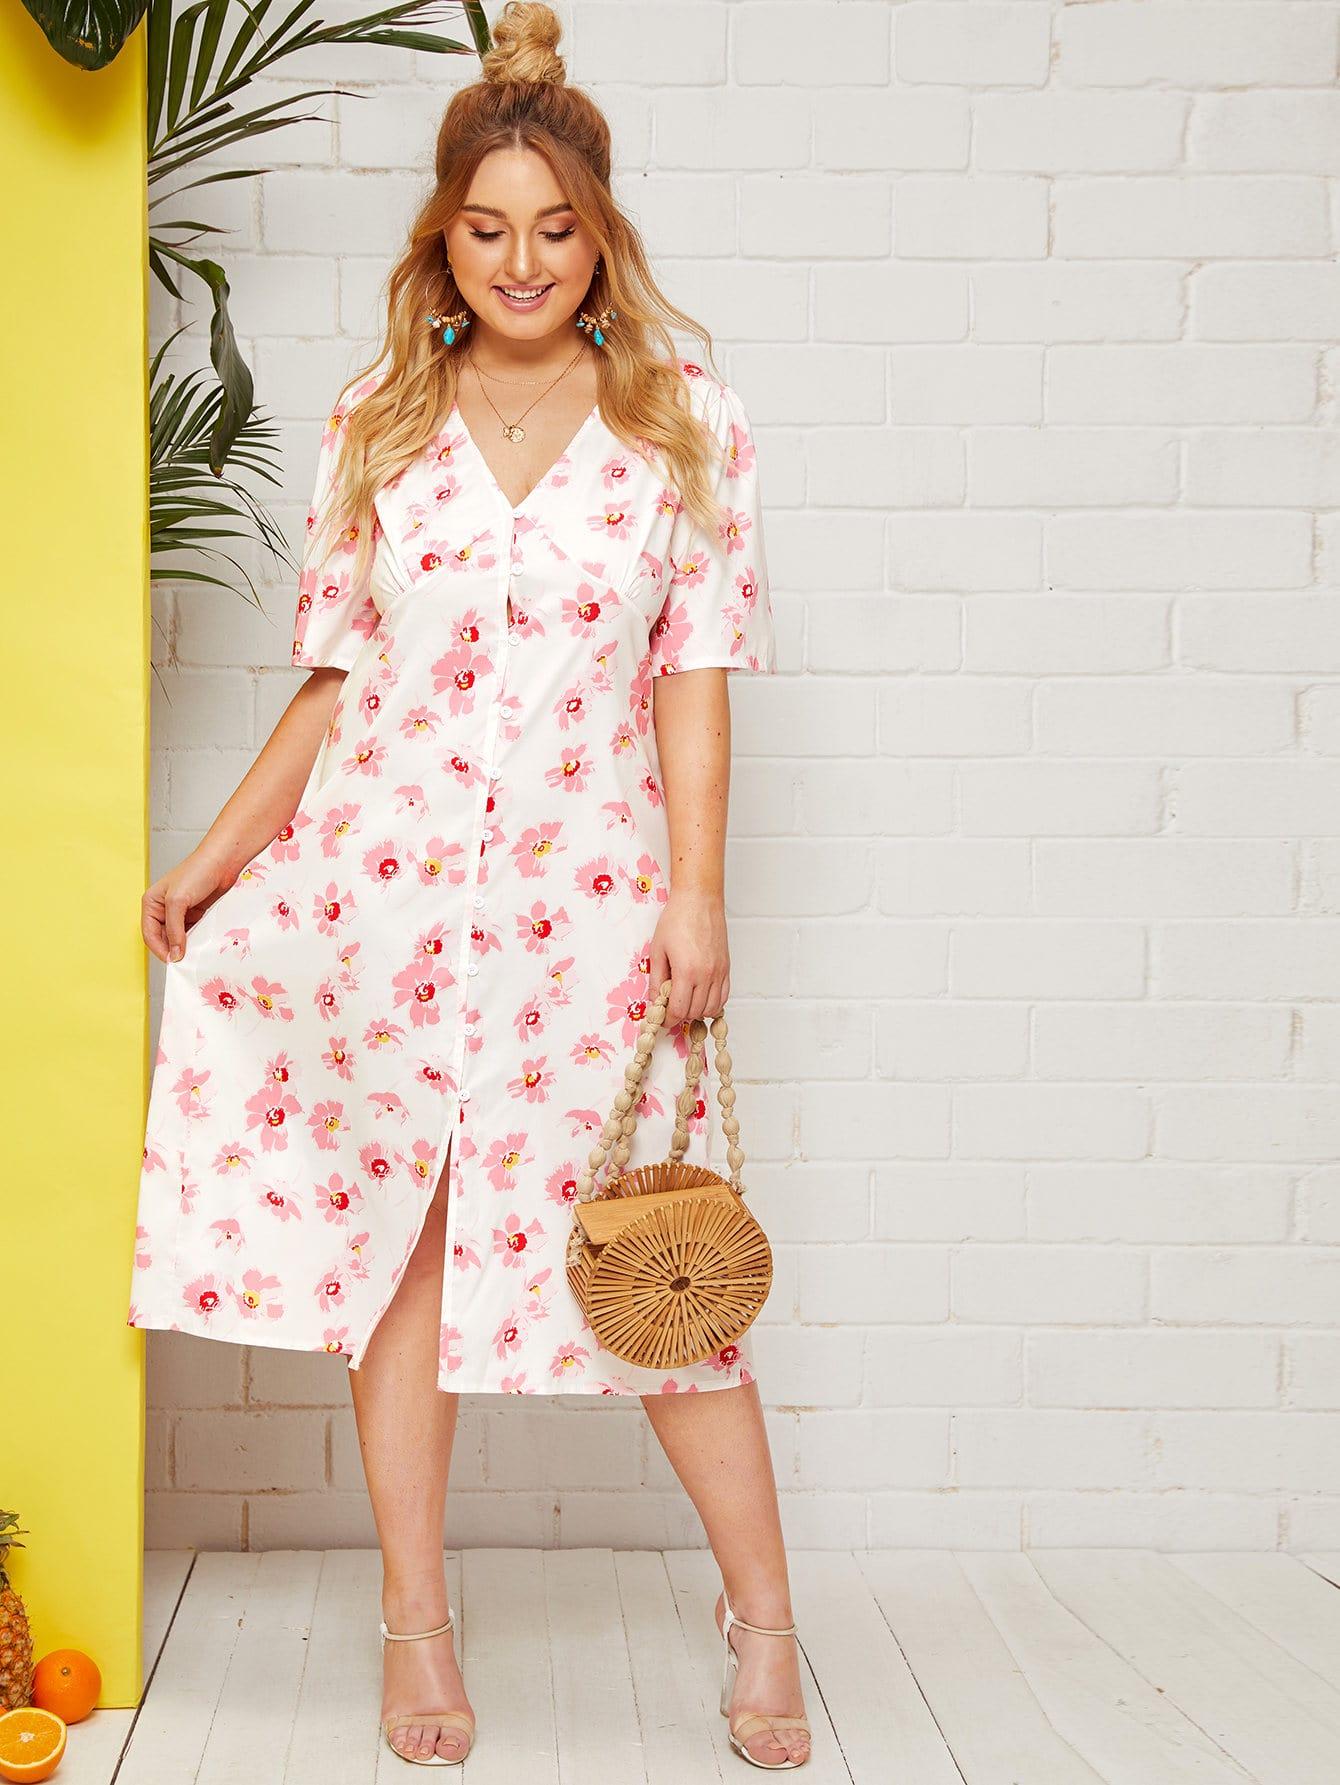 Прозрачное платье с пуговицами и цветочным принтом размера плюс